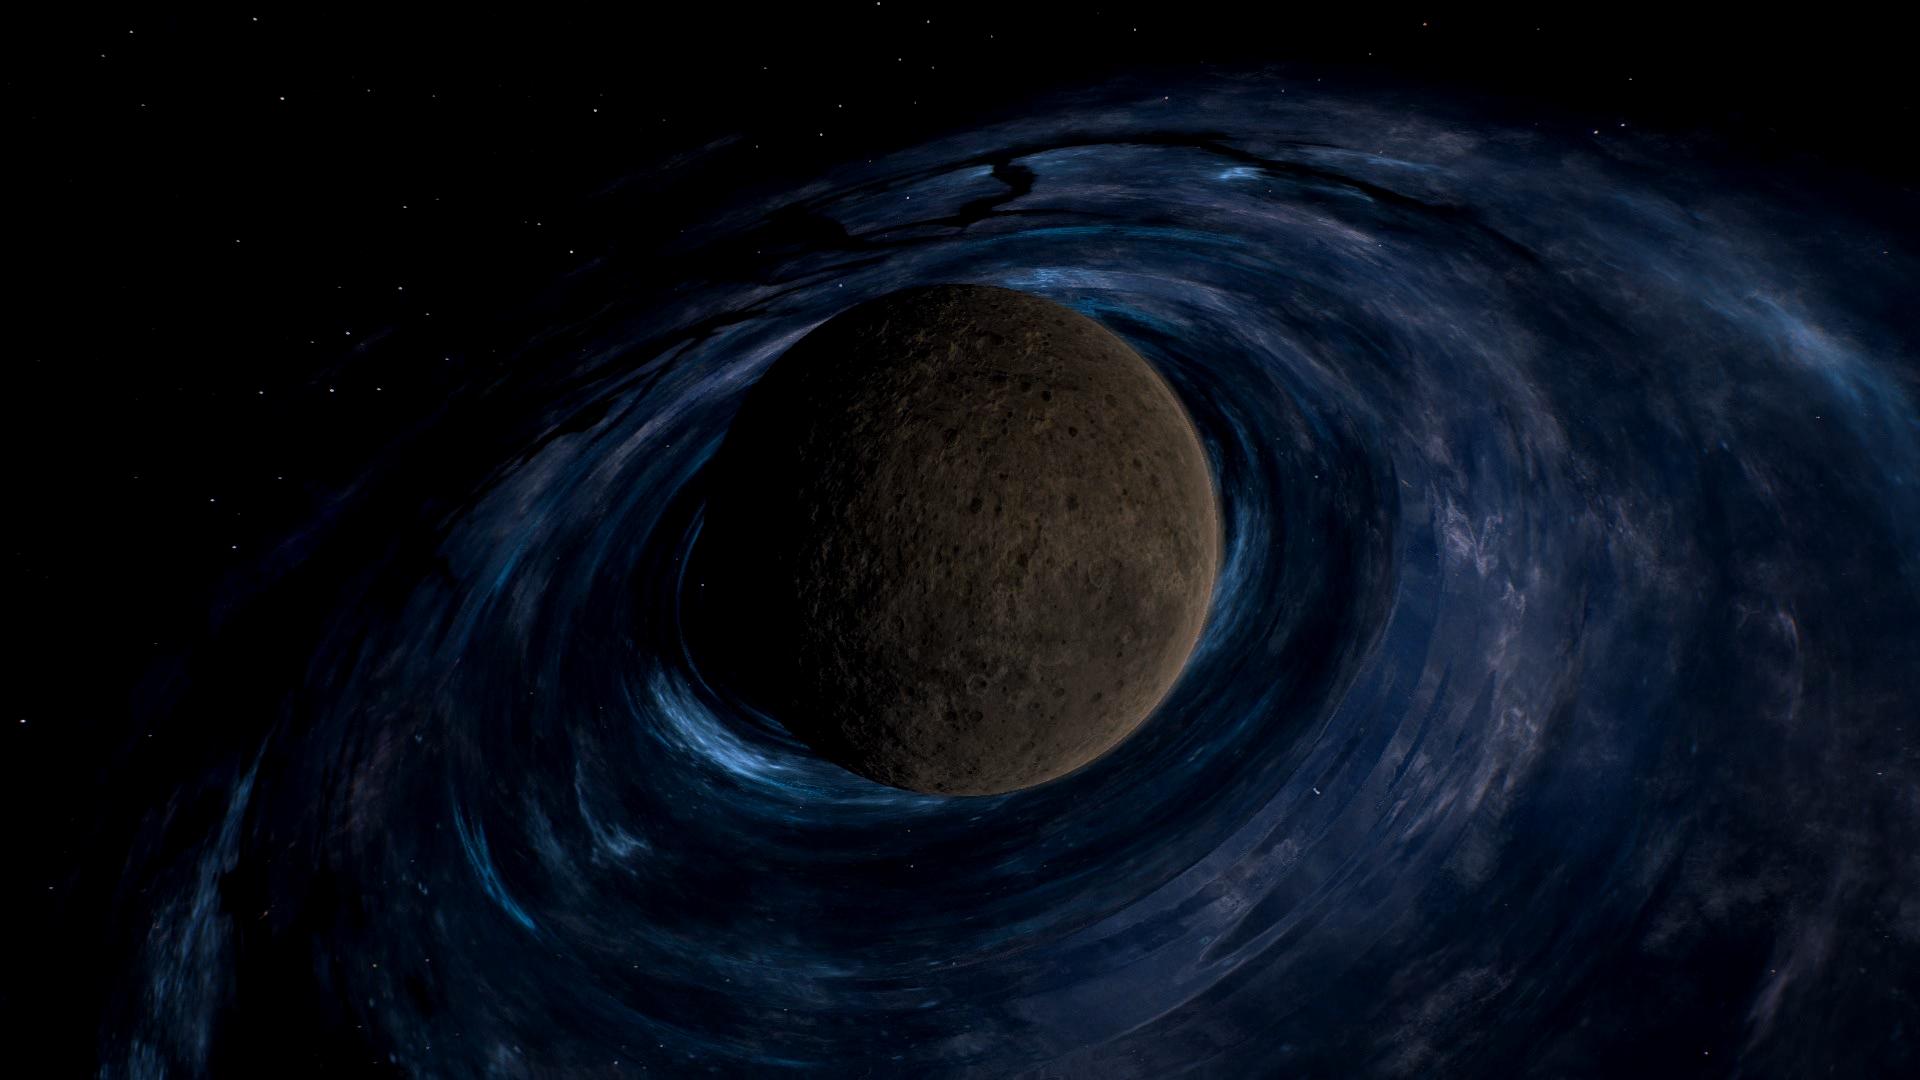 mass effect epic black hole - photo #12